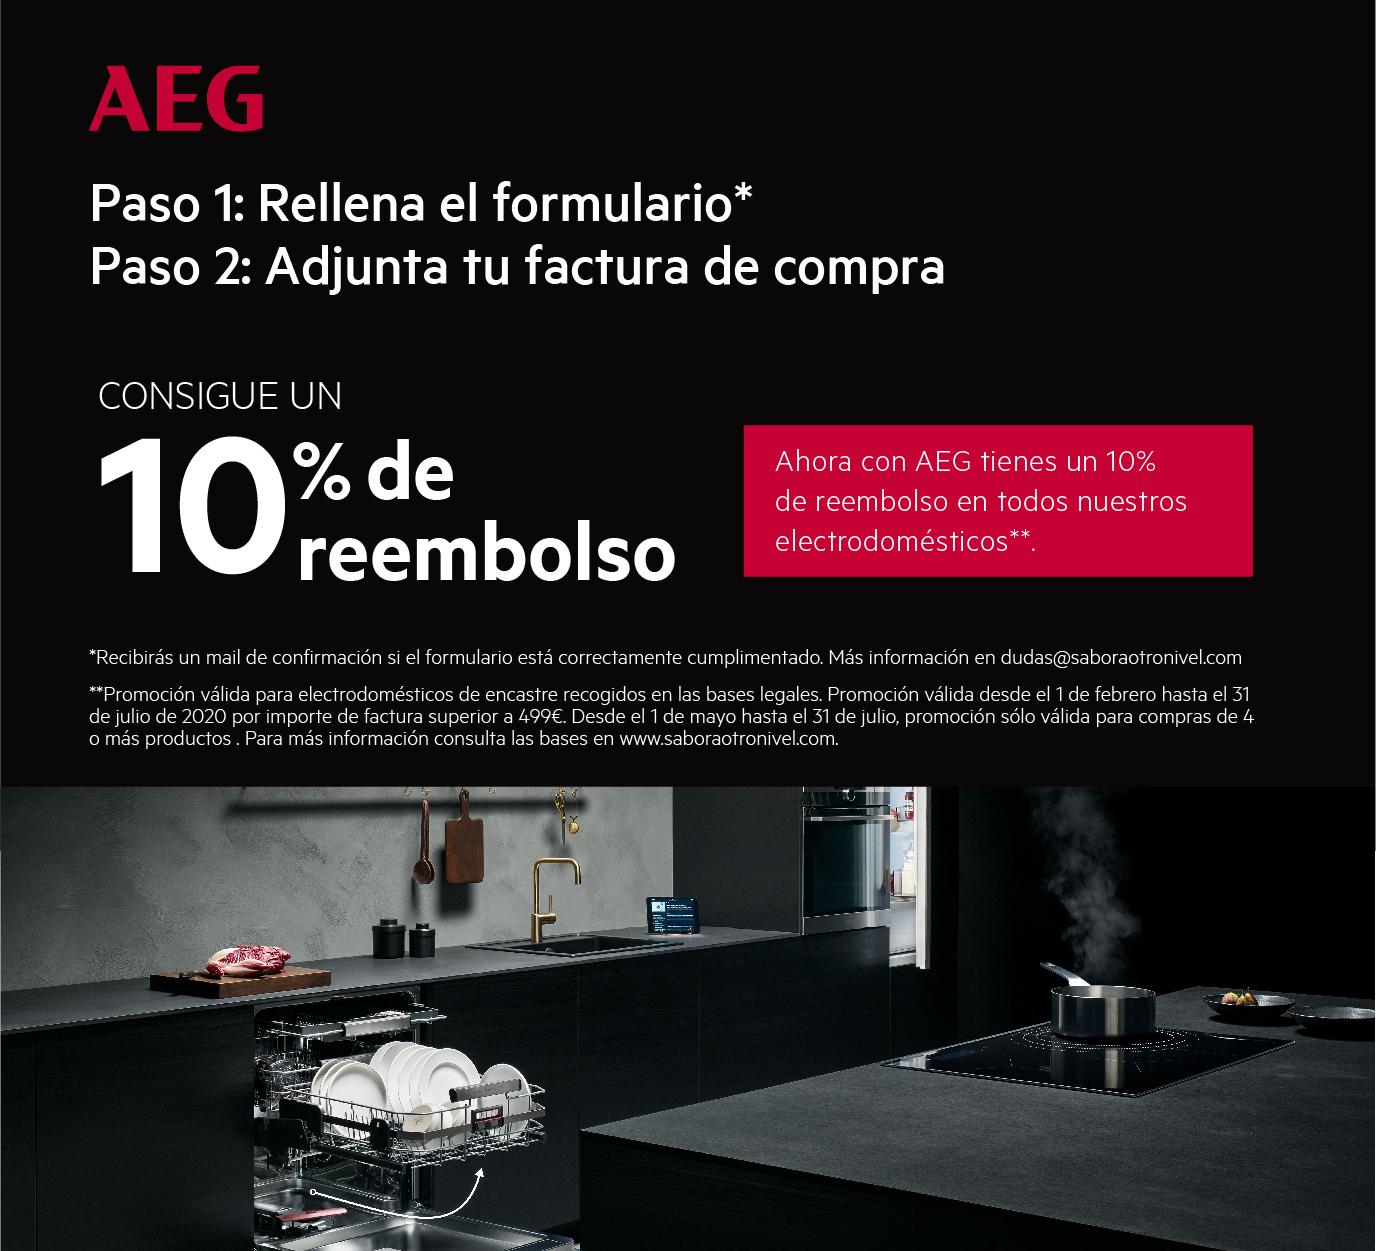 Llévate un reembolso del 10% de tu compra por la compra de uno de los modelos de la gama encastre de AEG